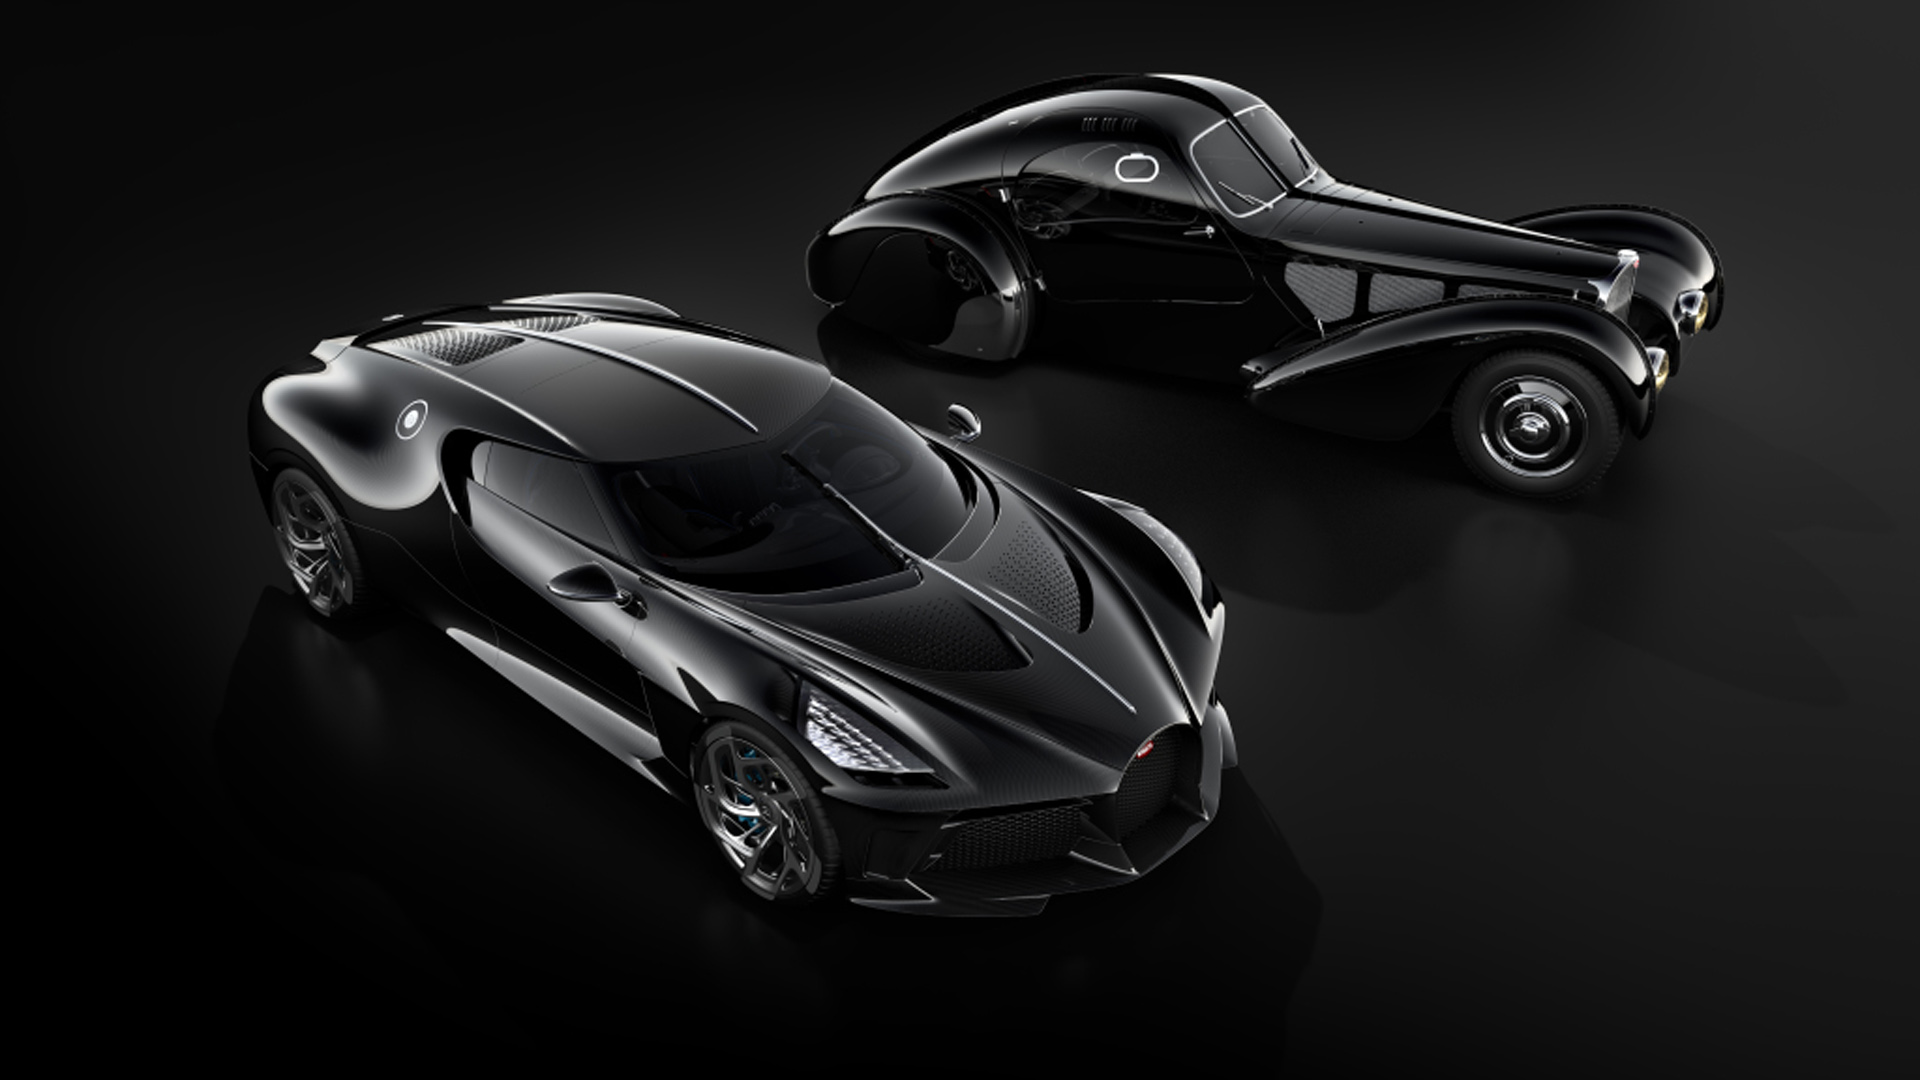 El modelo desarrollado por Bugatti toma como base al Chiron